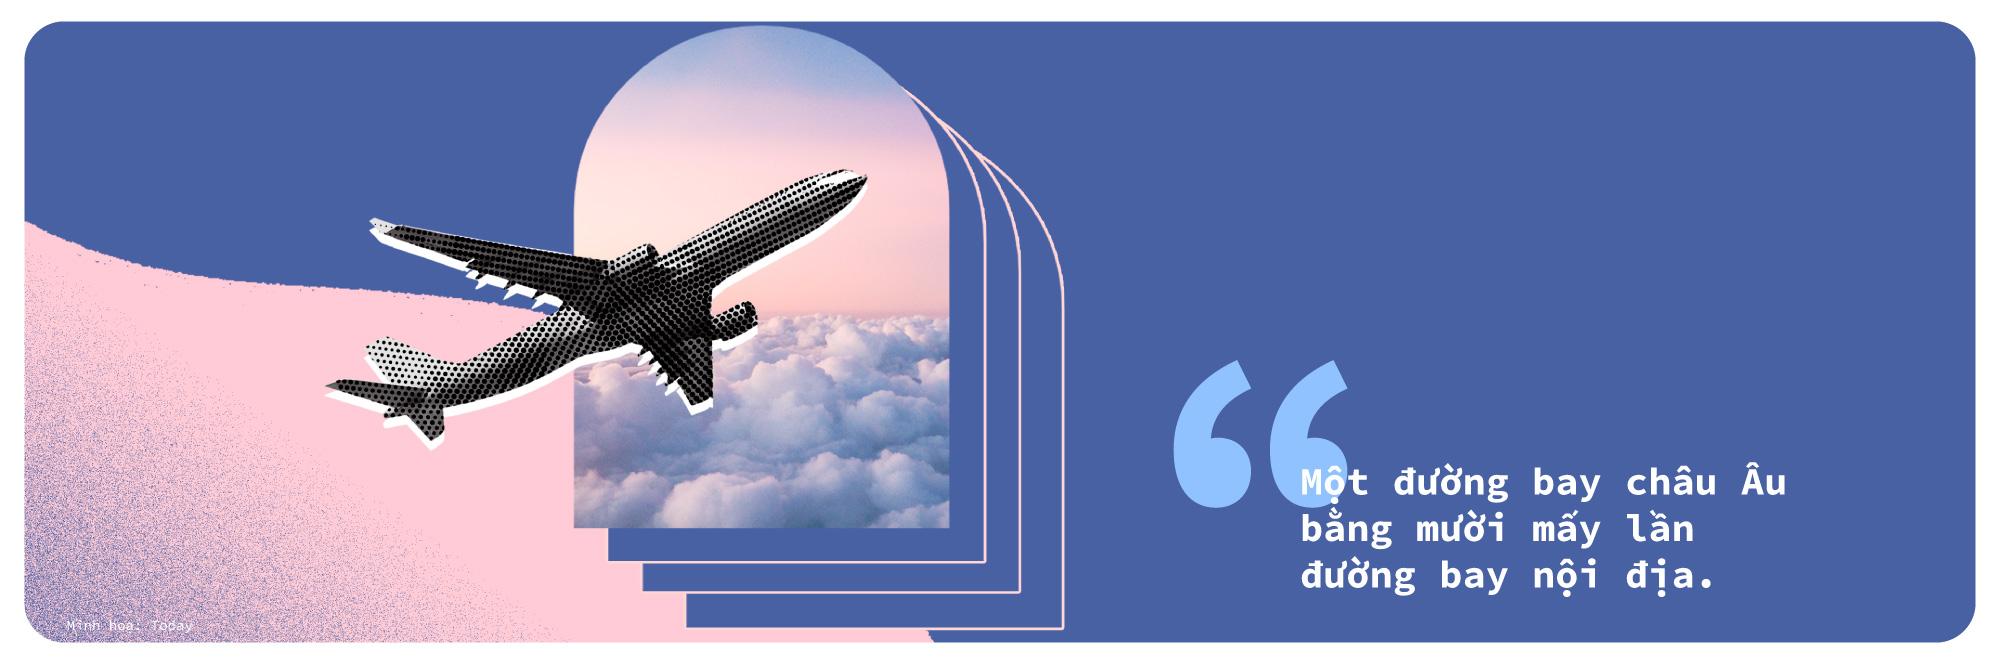 Hàng không Việt một năm 'bay trong bão' - Ảnh 9.